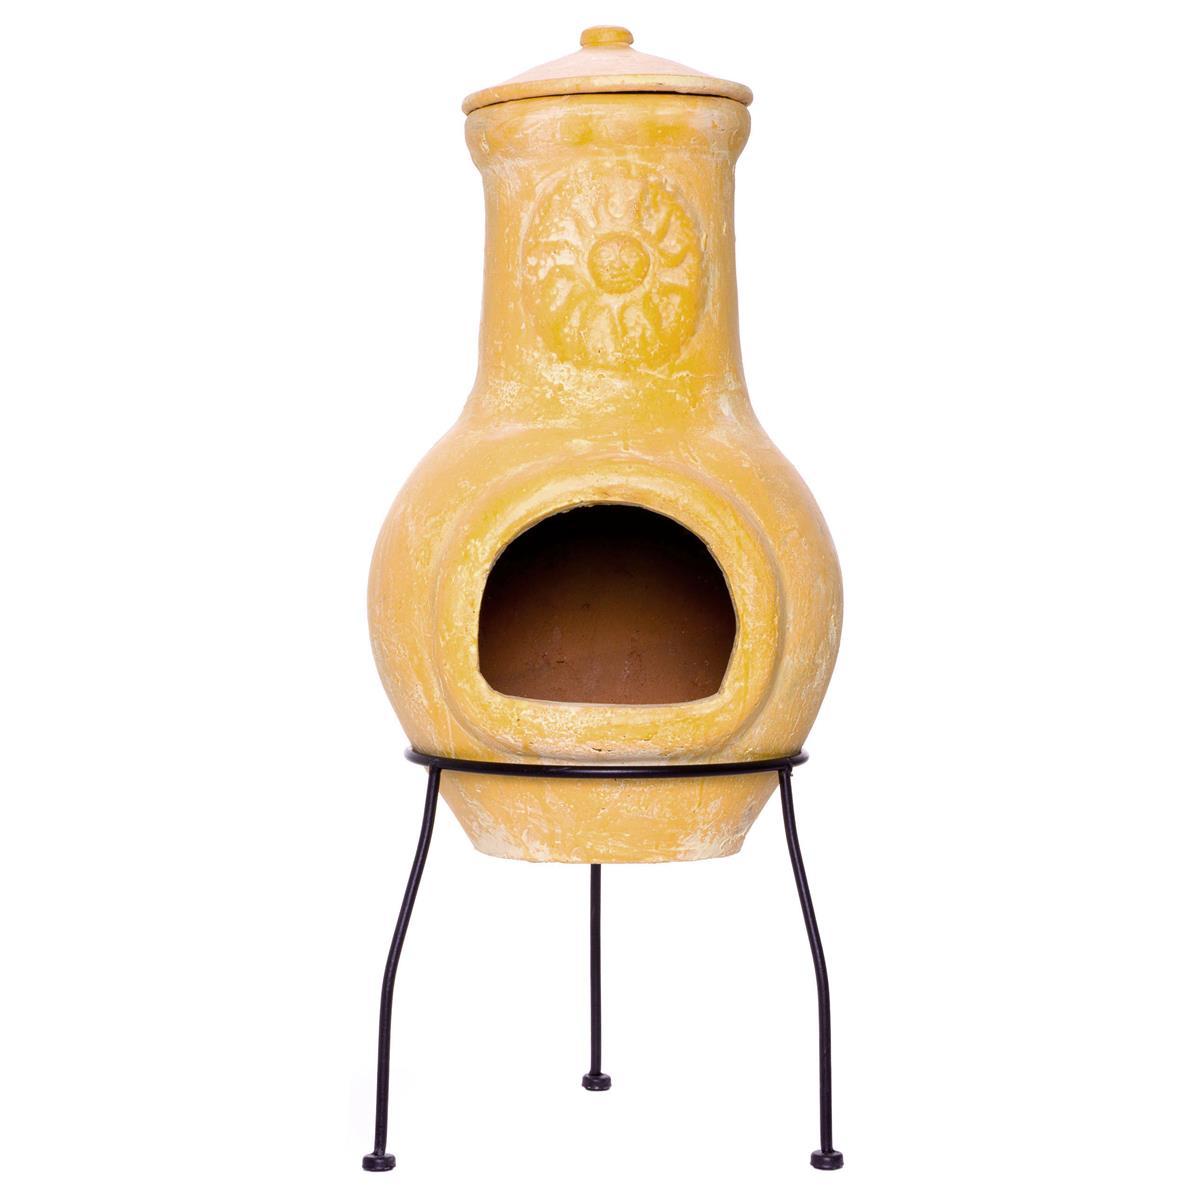 Terrassenofen 77 cm Feueröffnung 17 x 13 cm 16 kg Terracotta Gartenkamin